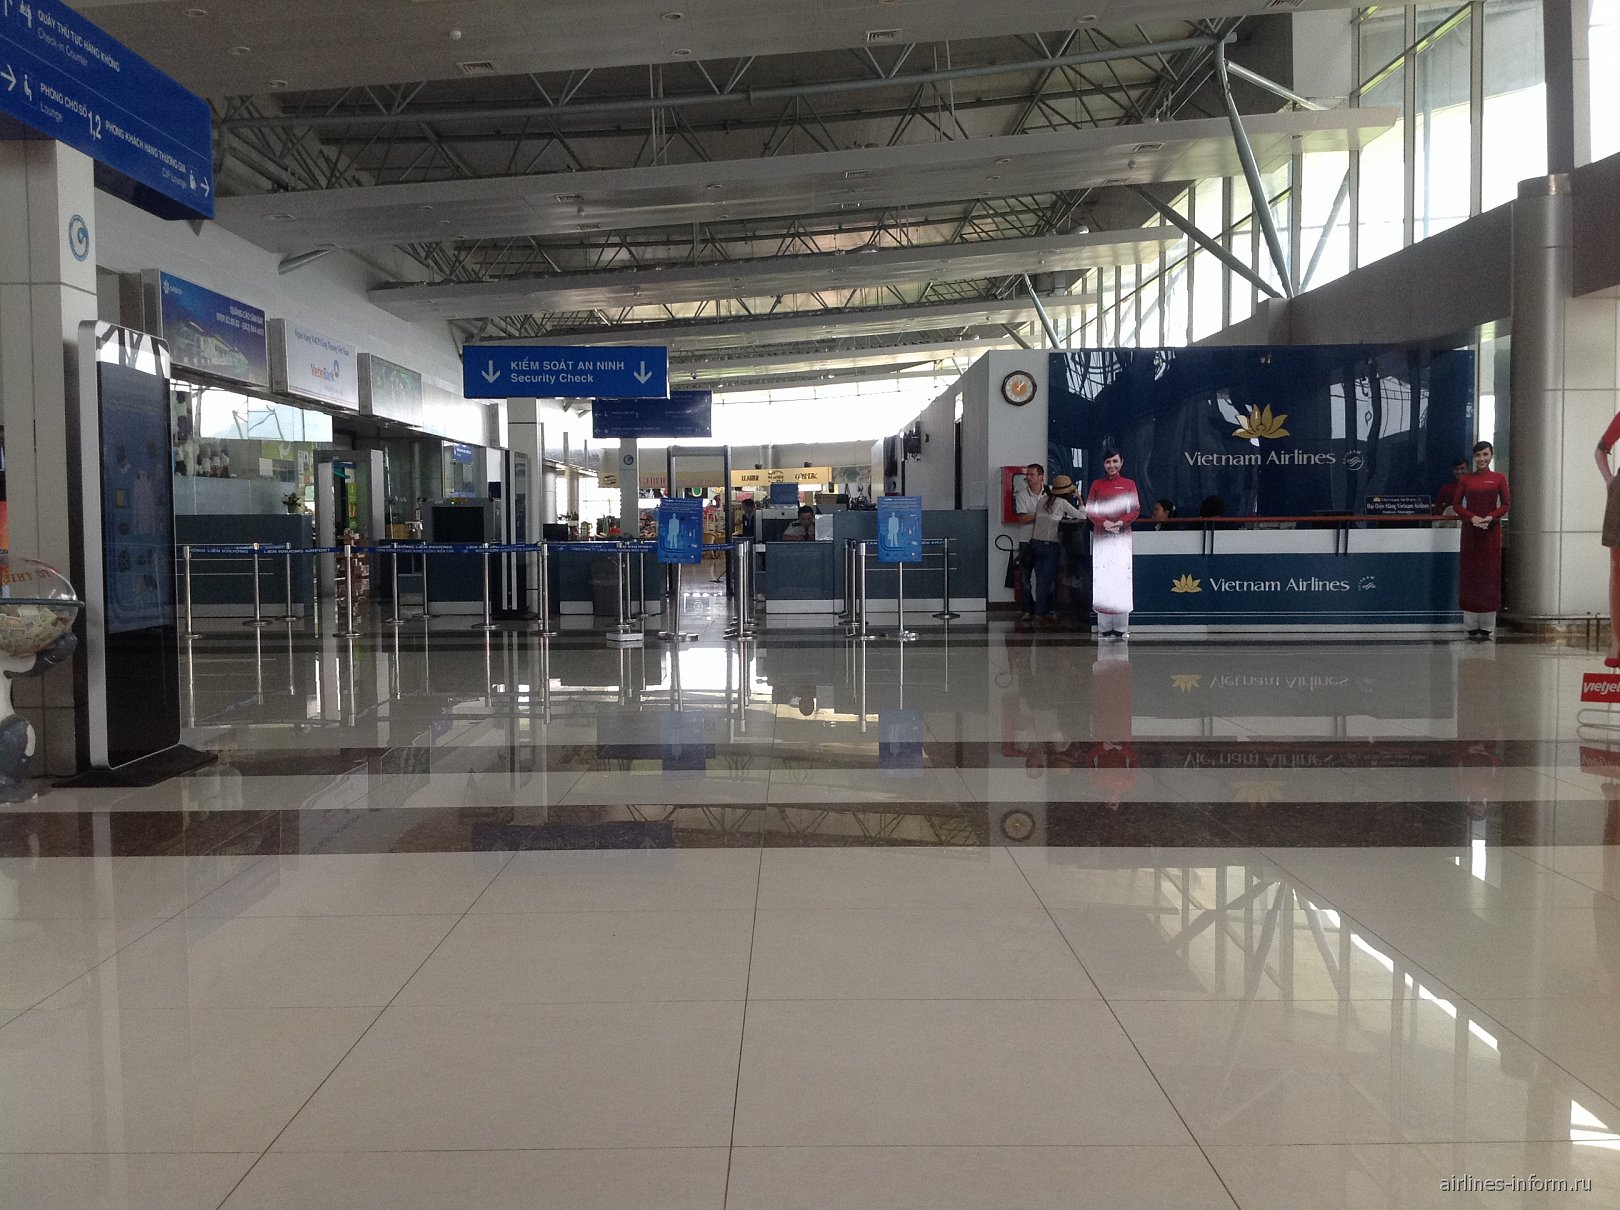 В пассажирском терминале аэропорта Далат Льенкхыонг